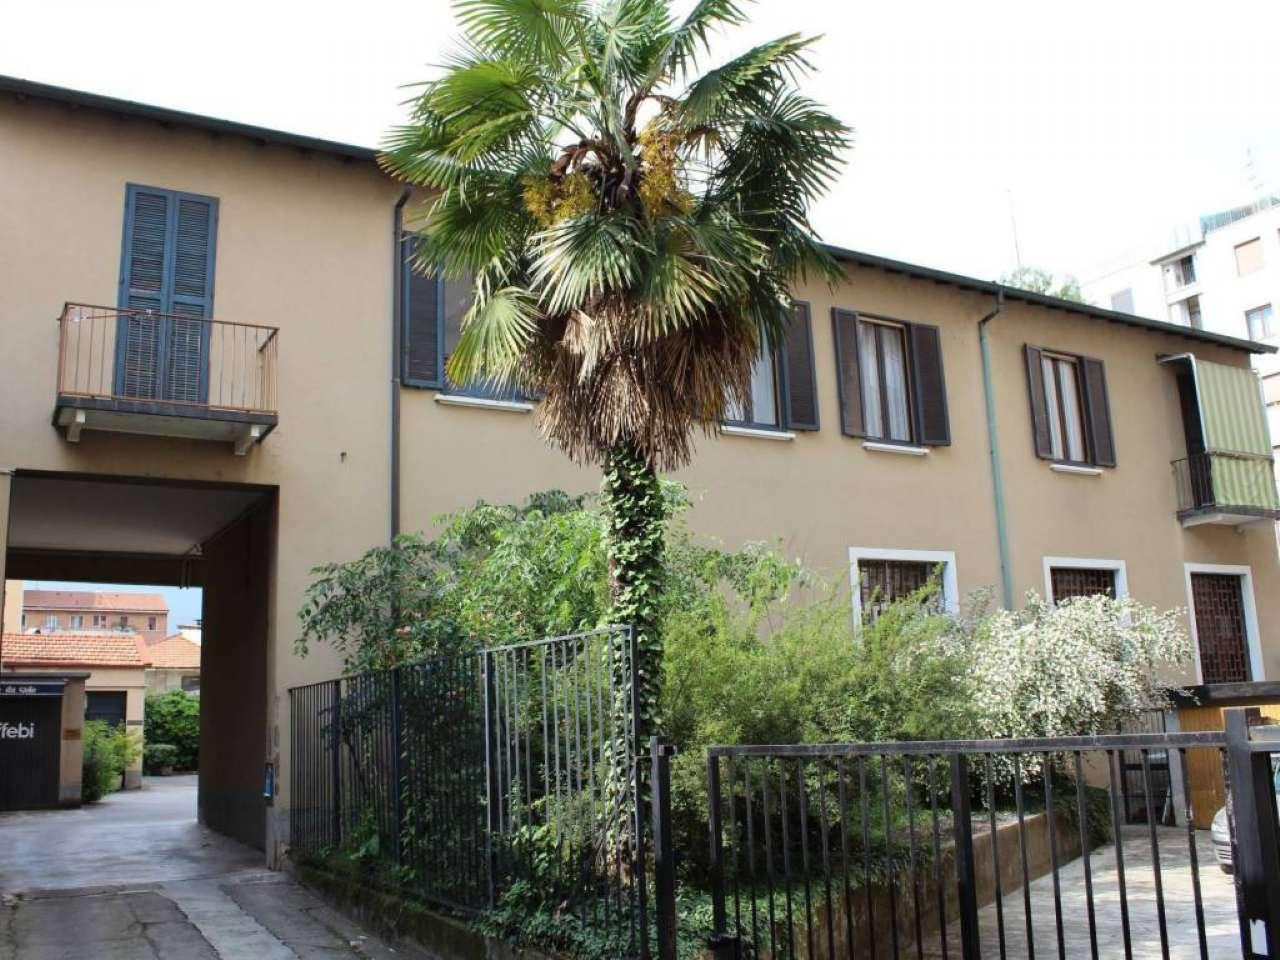 Rustico / Casale in vendita a Milano, 3 locali, zona Zona: 10 . P.ta Genova, Romolo, Solari, Savona, Tortona, prezzo € 130.000   CambioCasa.it